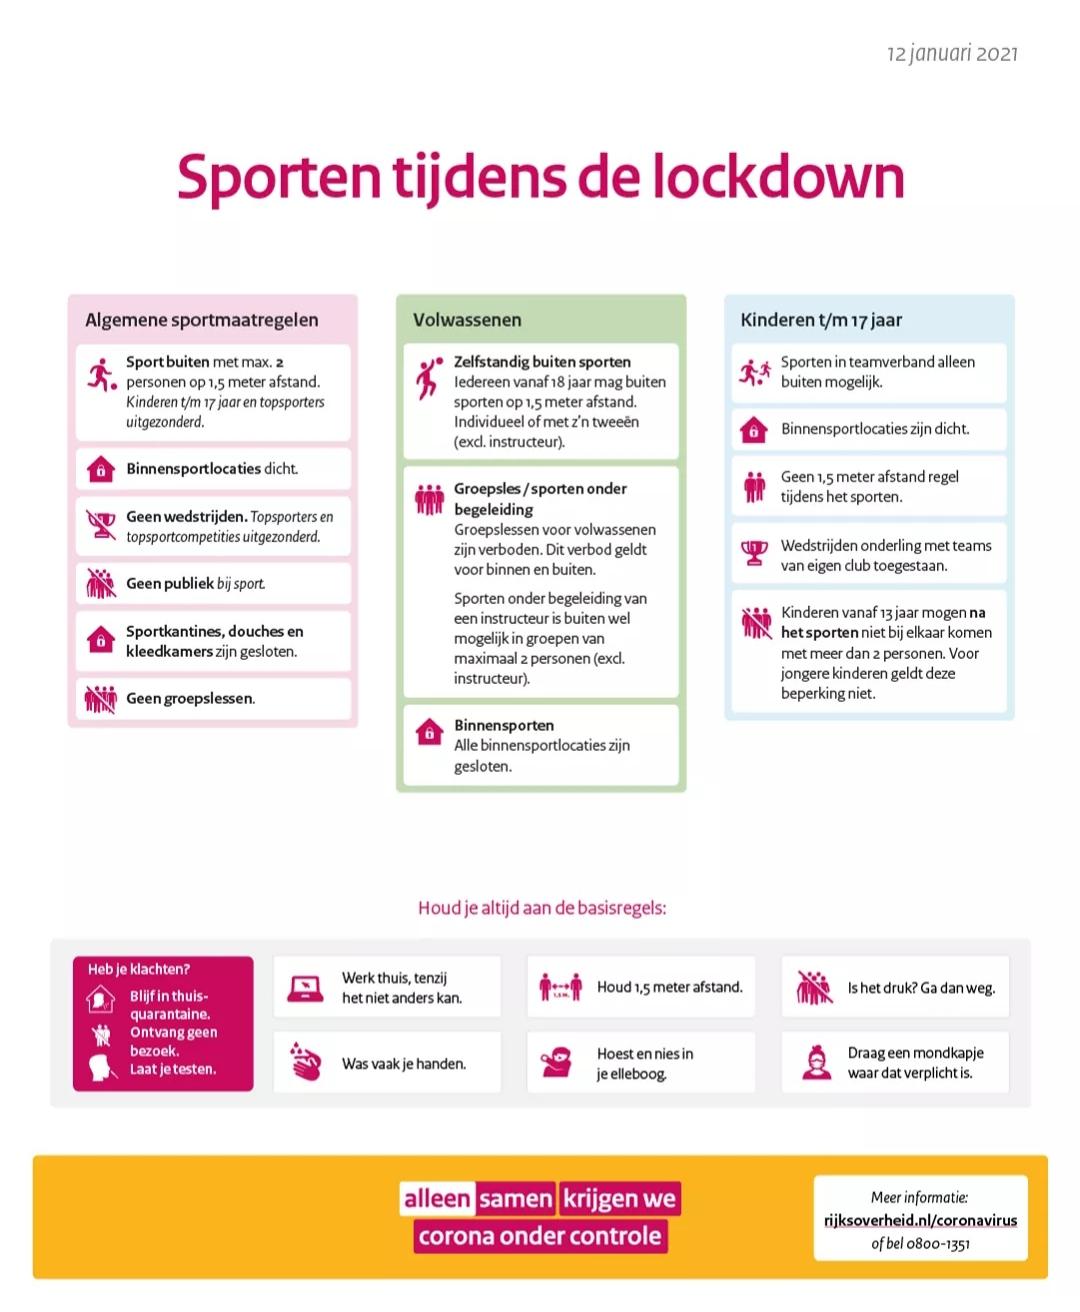 Sporten tijdens de lockdown